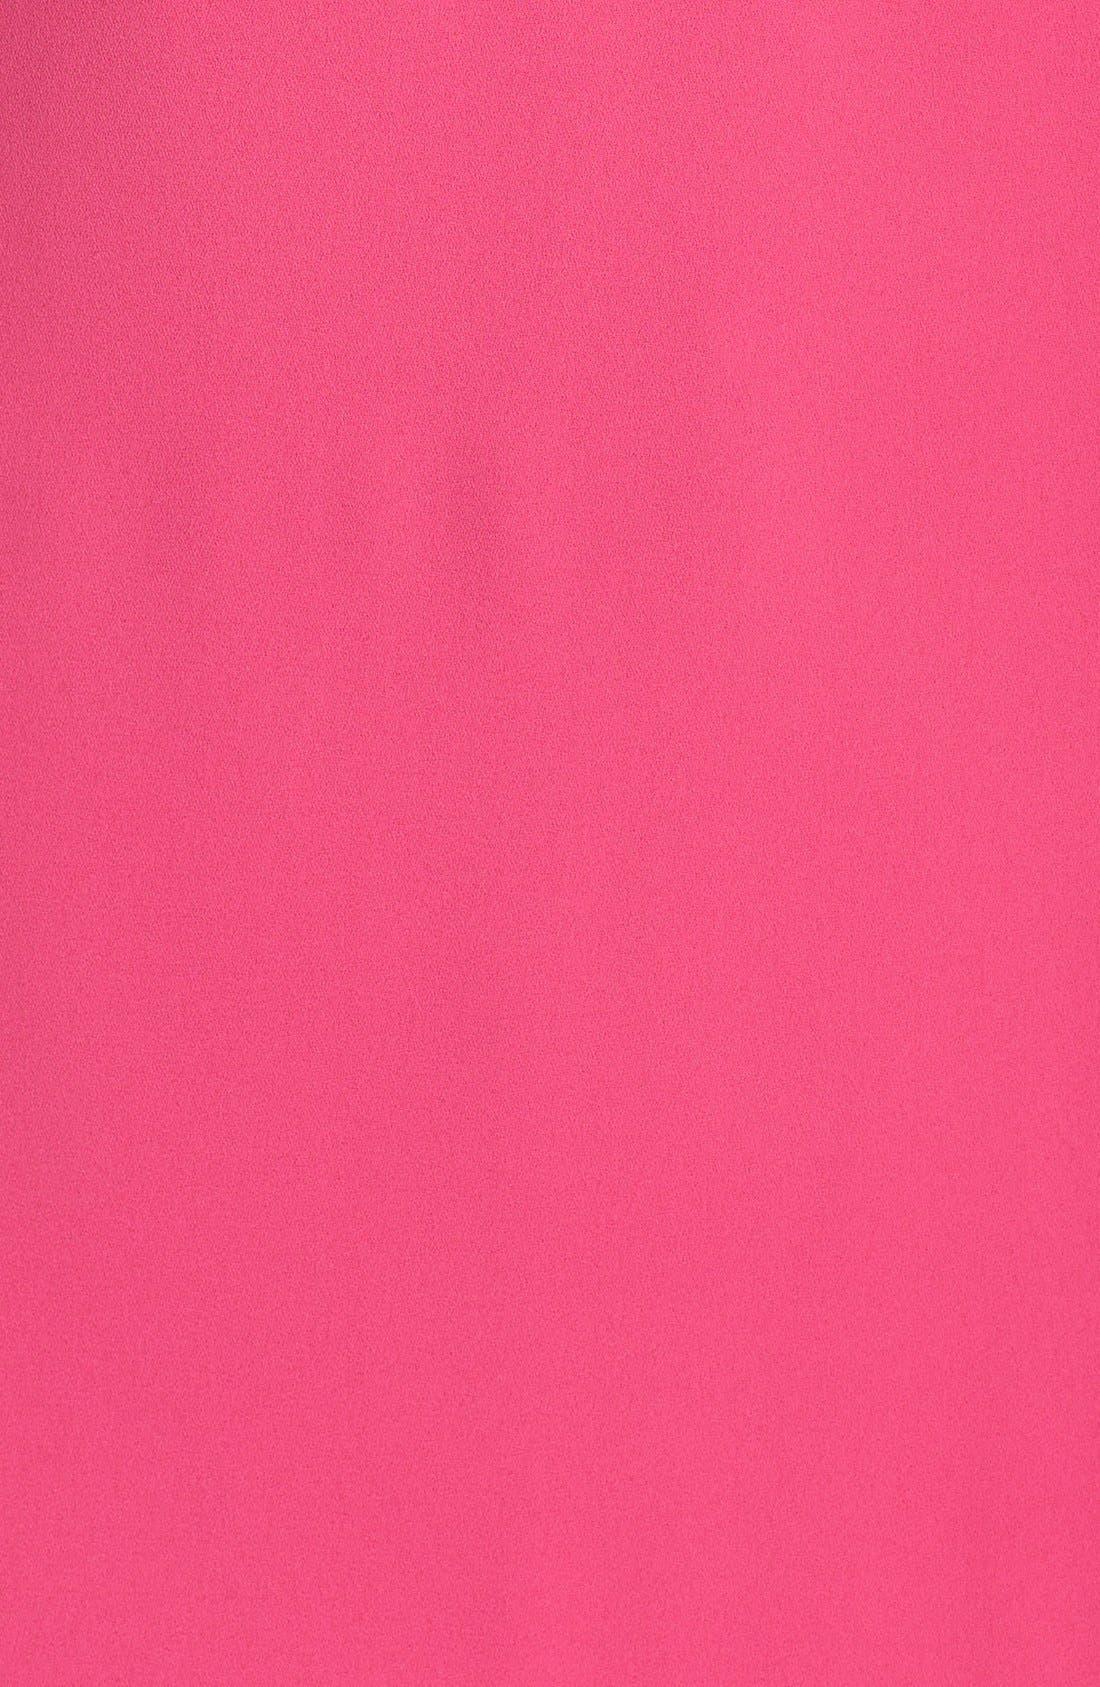 'Kate' Ruffle Hem Shift Dress,                             Main thumbnail 9, color,